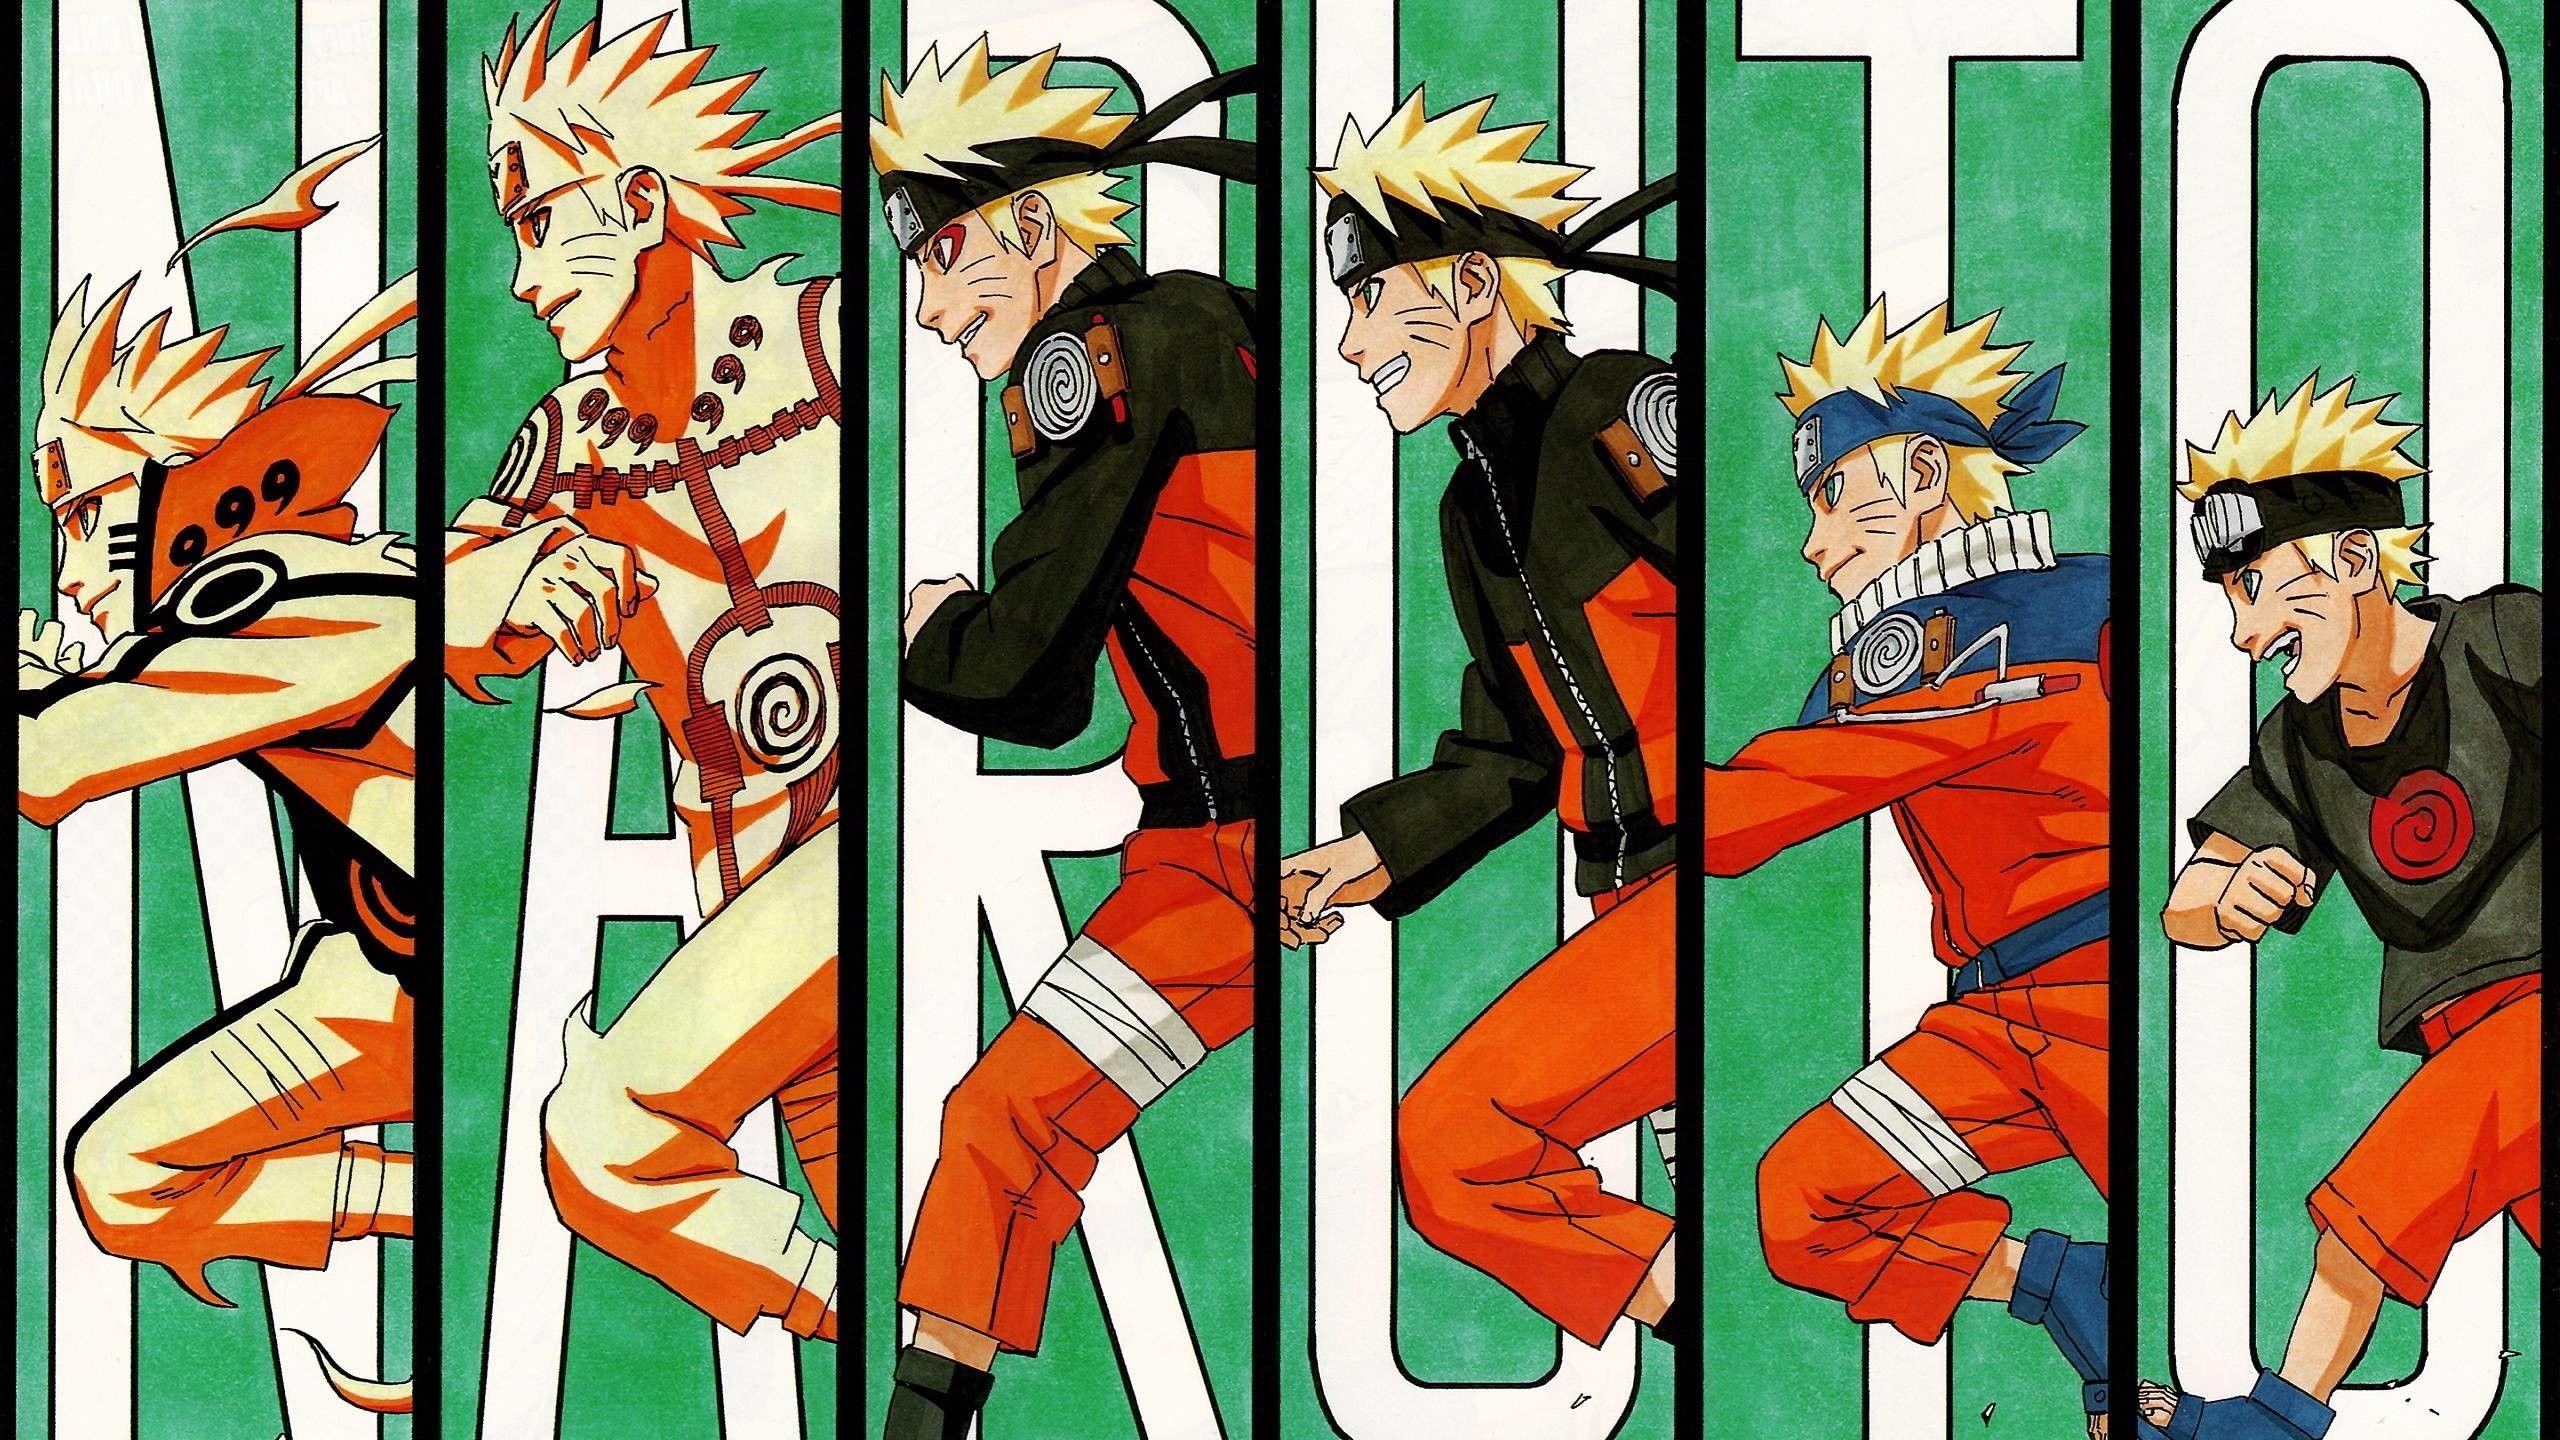 2560x1440 Evolution Of Naruto 2560x1440 Naruto Cartoon Hd Free Wallpapers Naruto Wallpaper Anime Naruto Anime Wallpaper